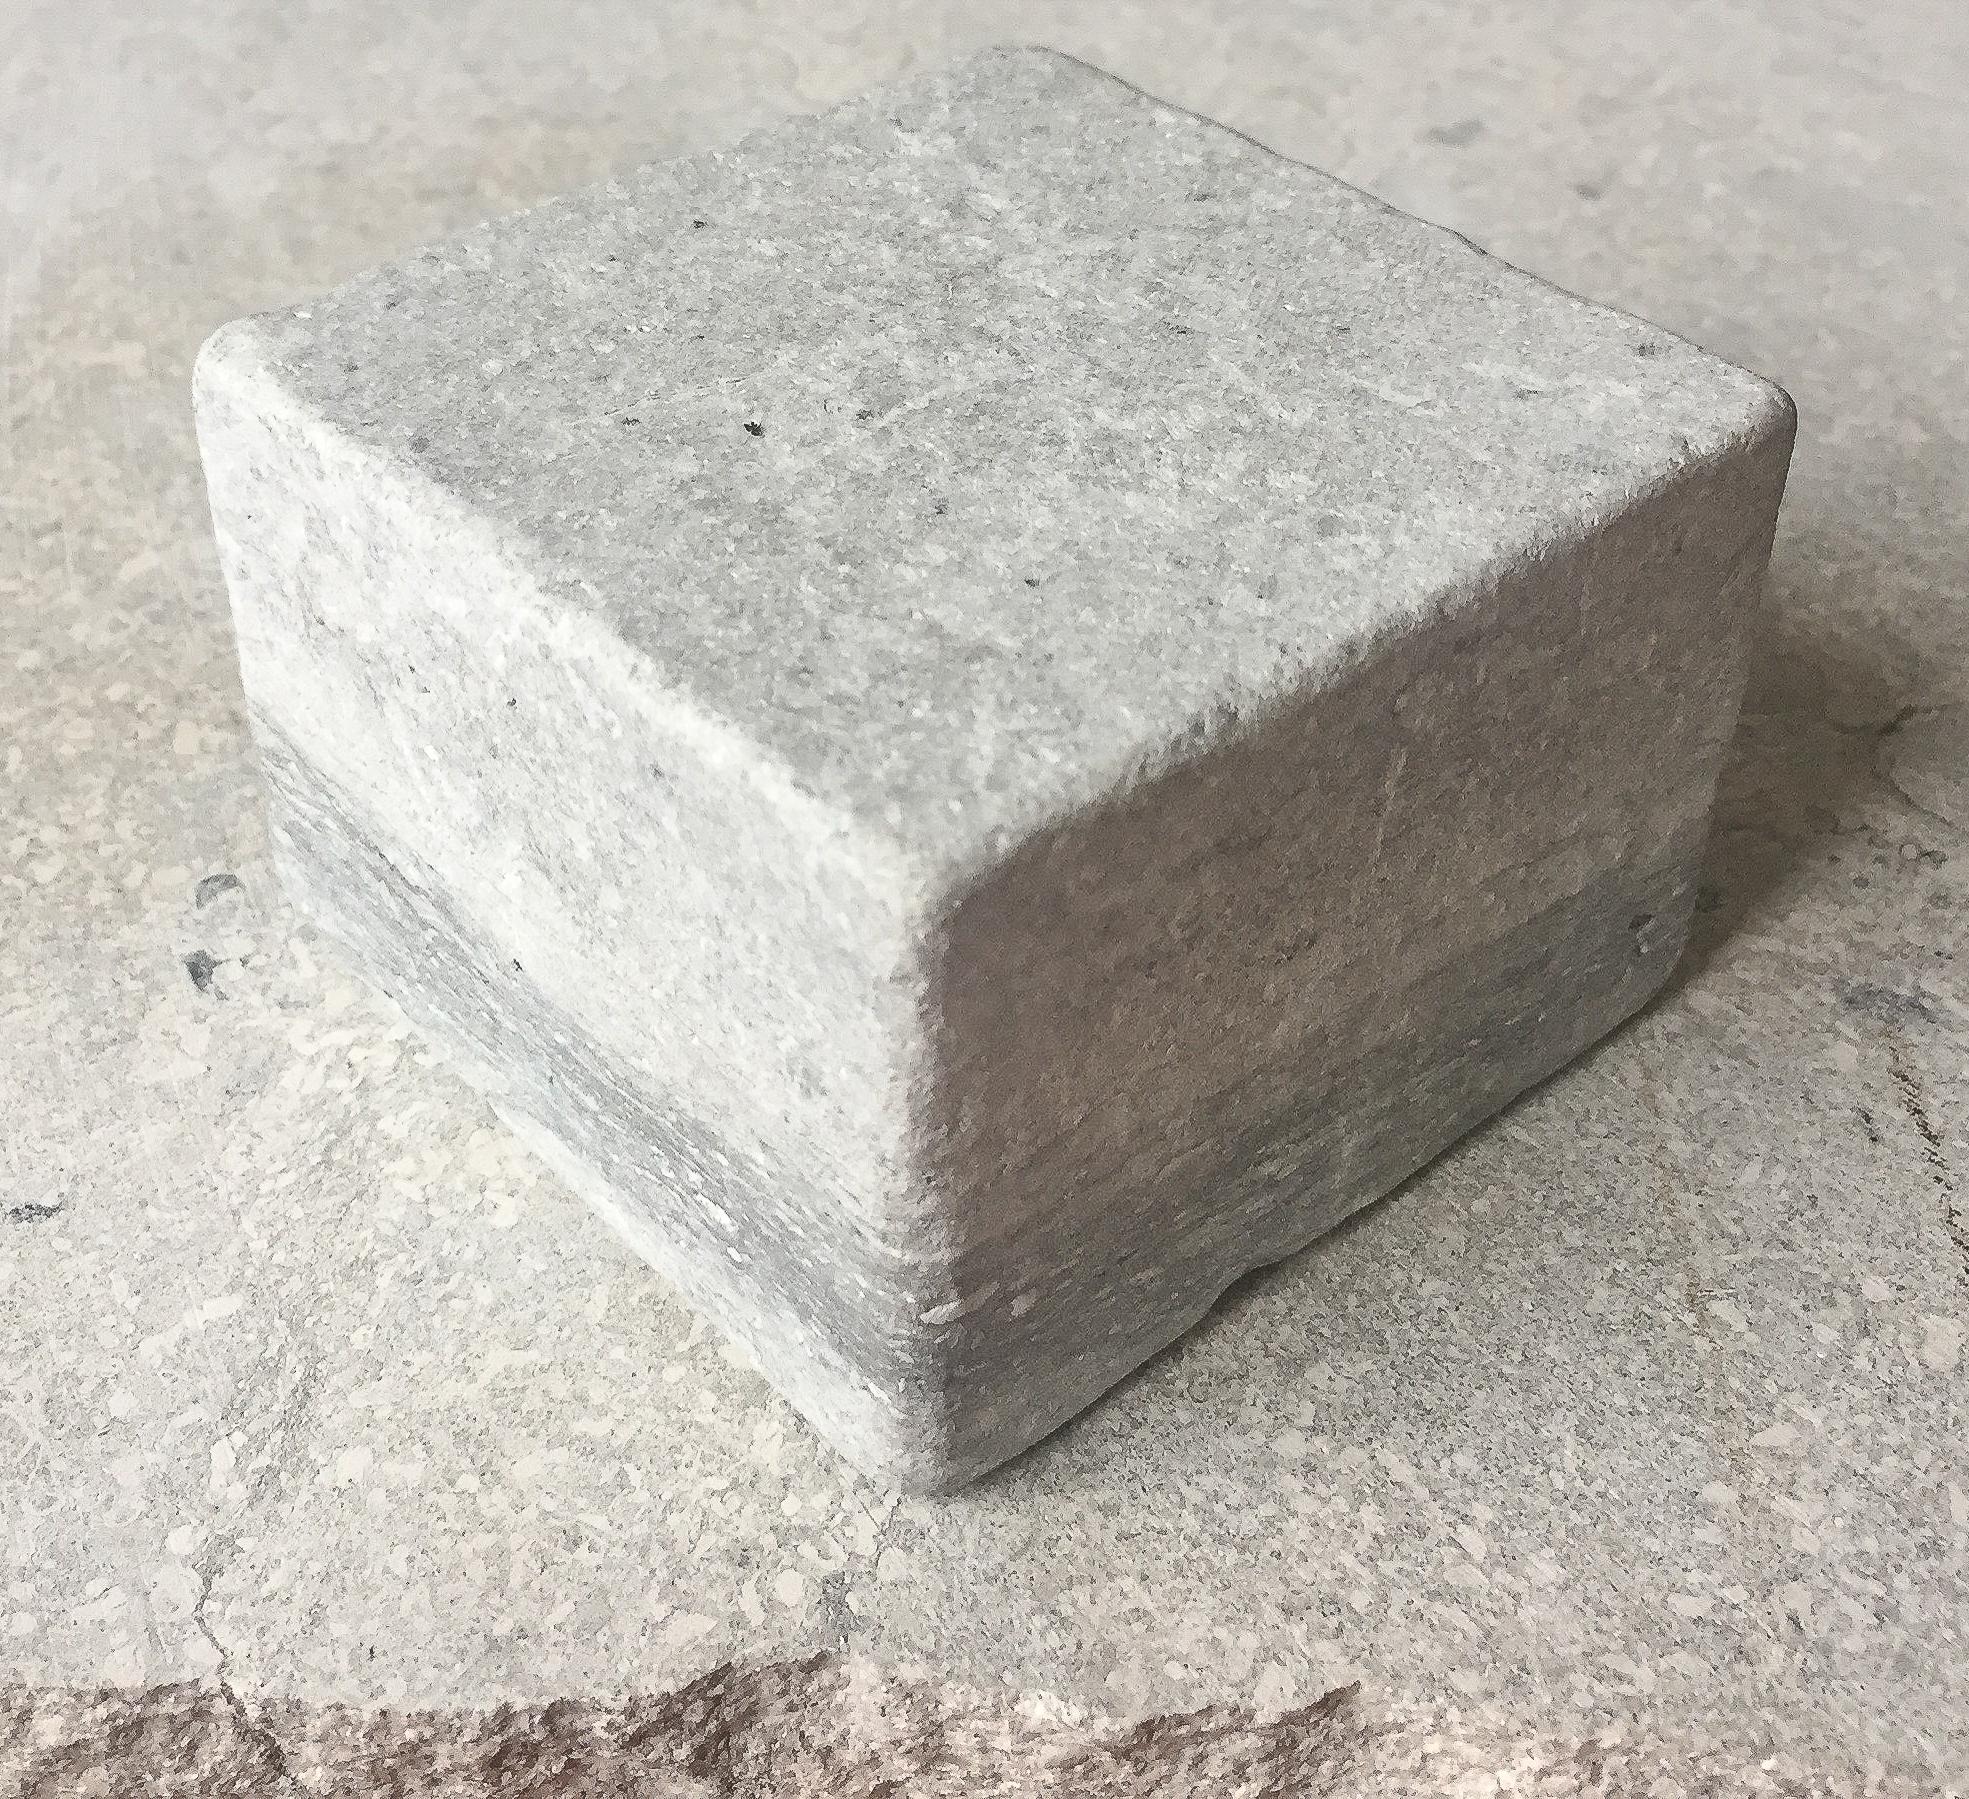 kostka 10x10x5 cm